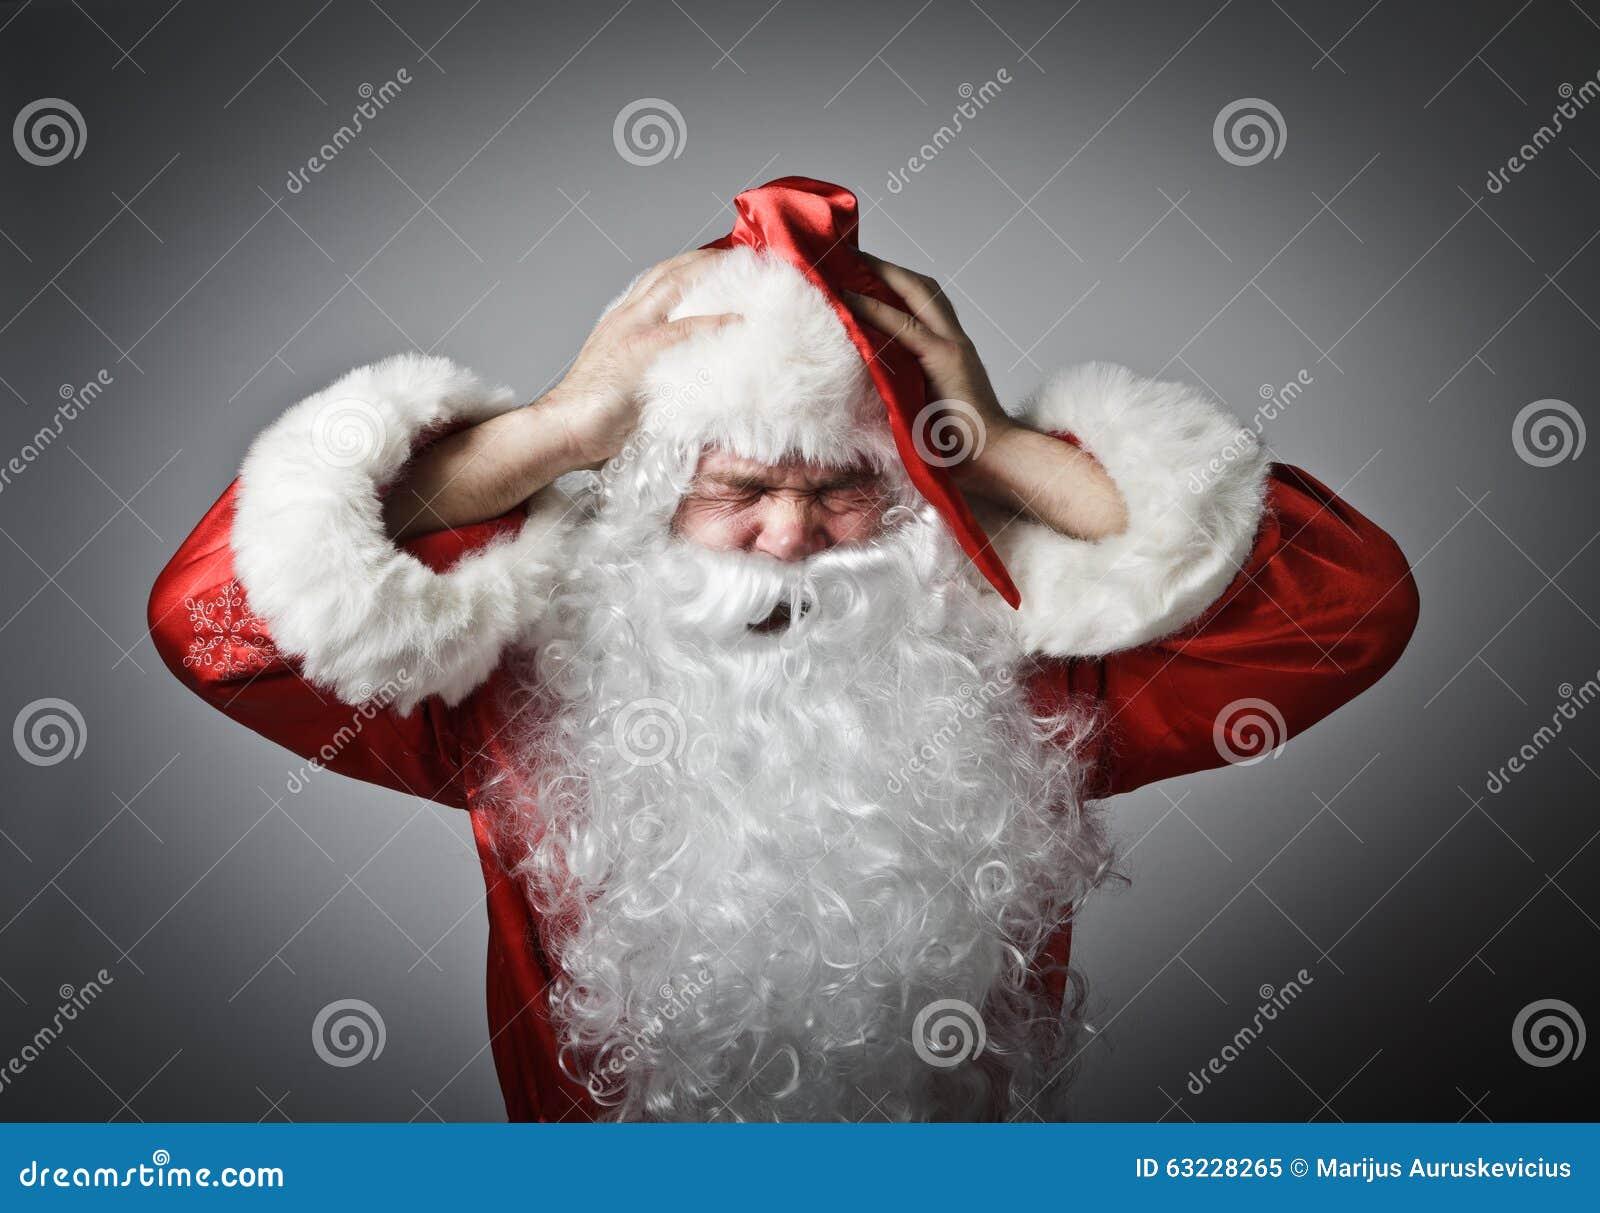 Sfrustowany Święty Mikołaj